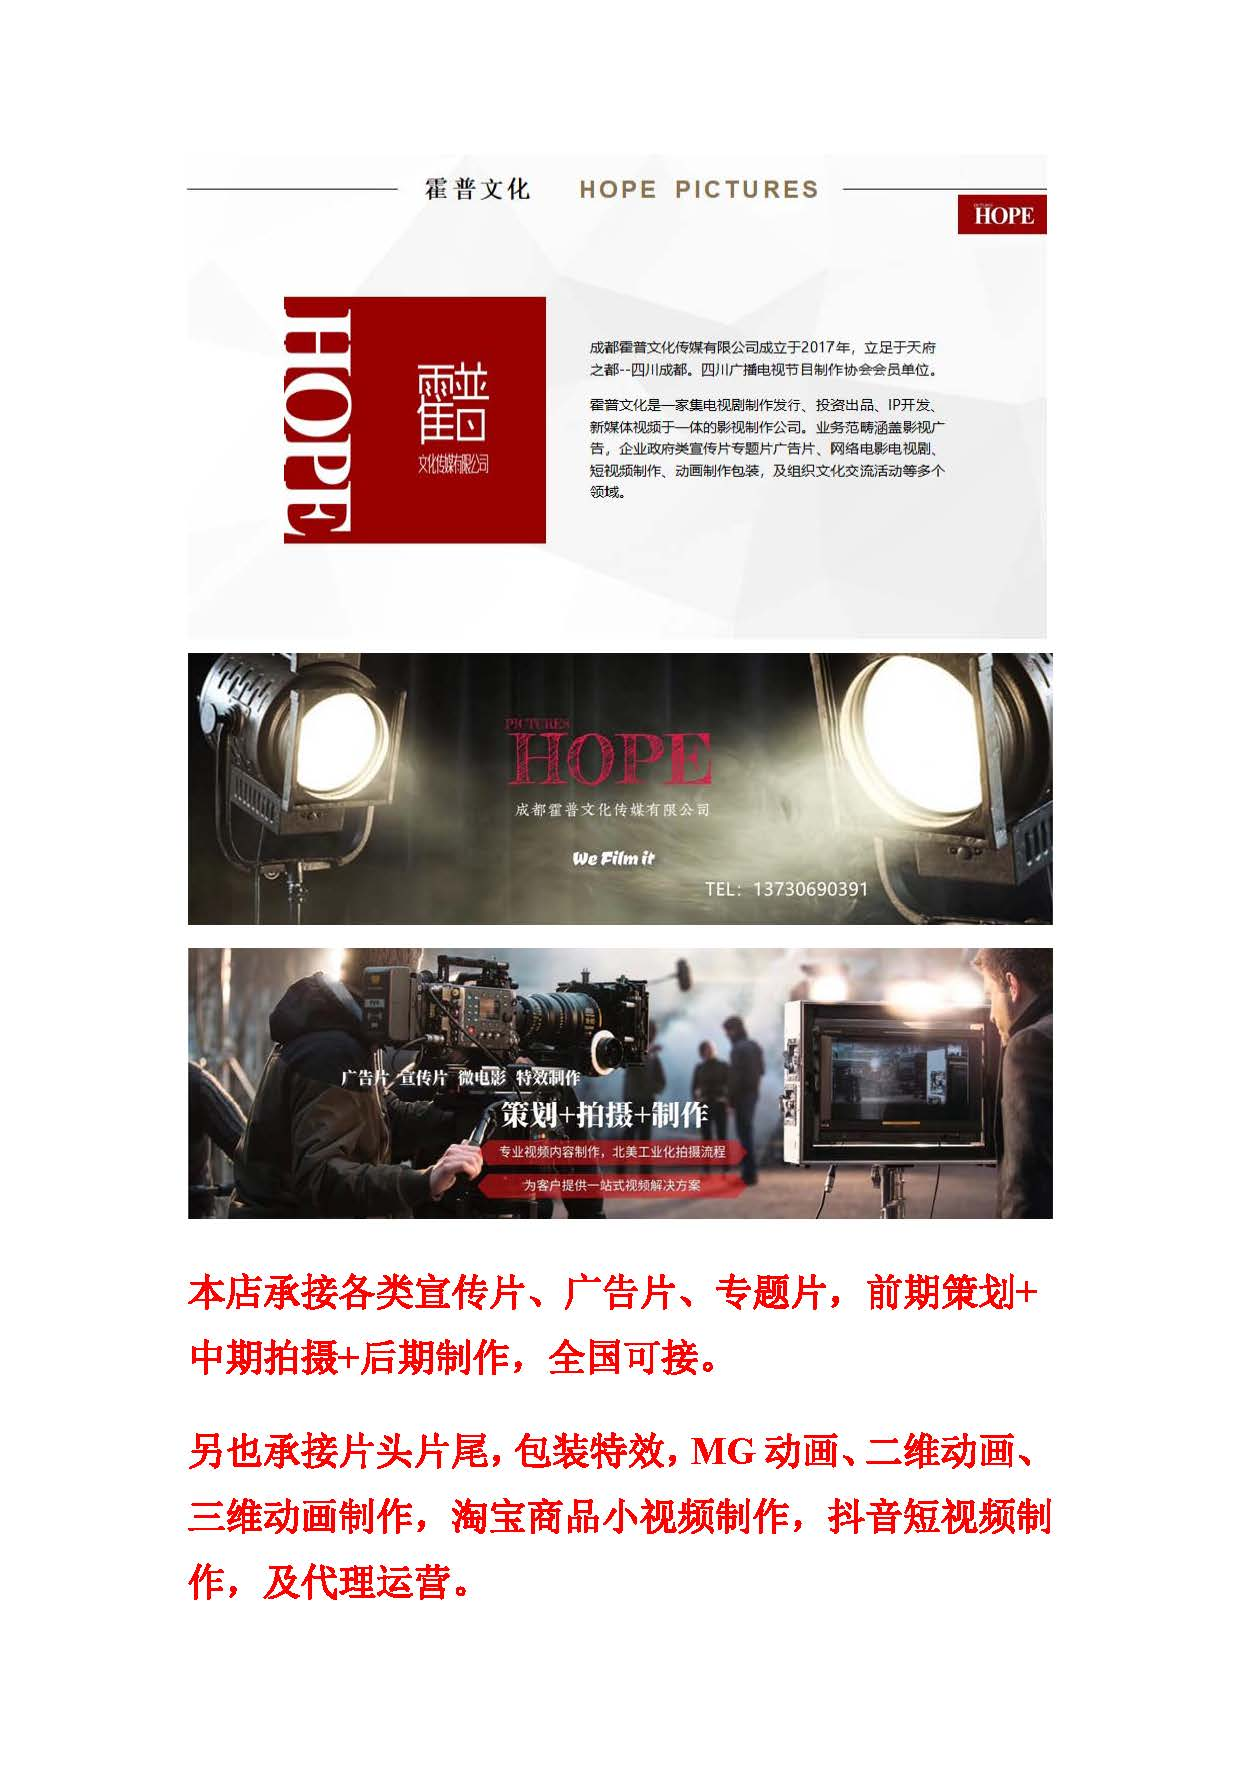 【霍普文化】视频剪辑后期制作MG三维3D动画企业产品年会宣传片广告片_技能专长>>图形动画>>宣传动画